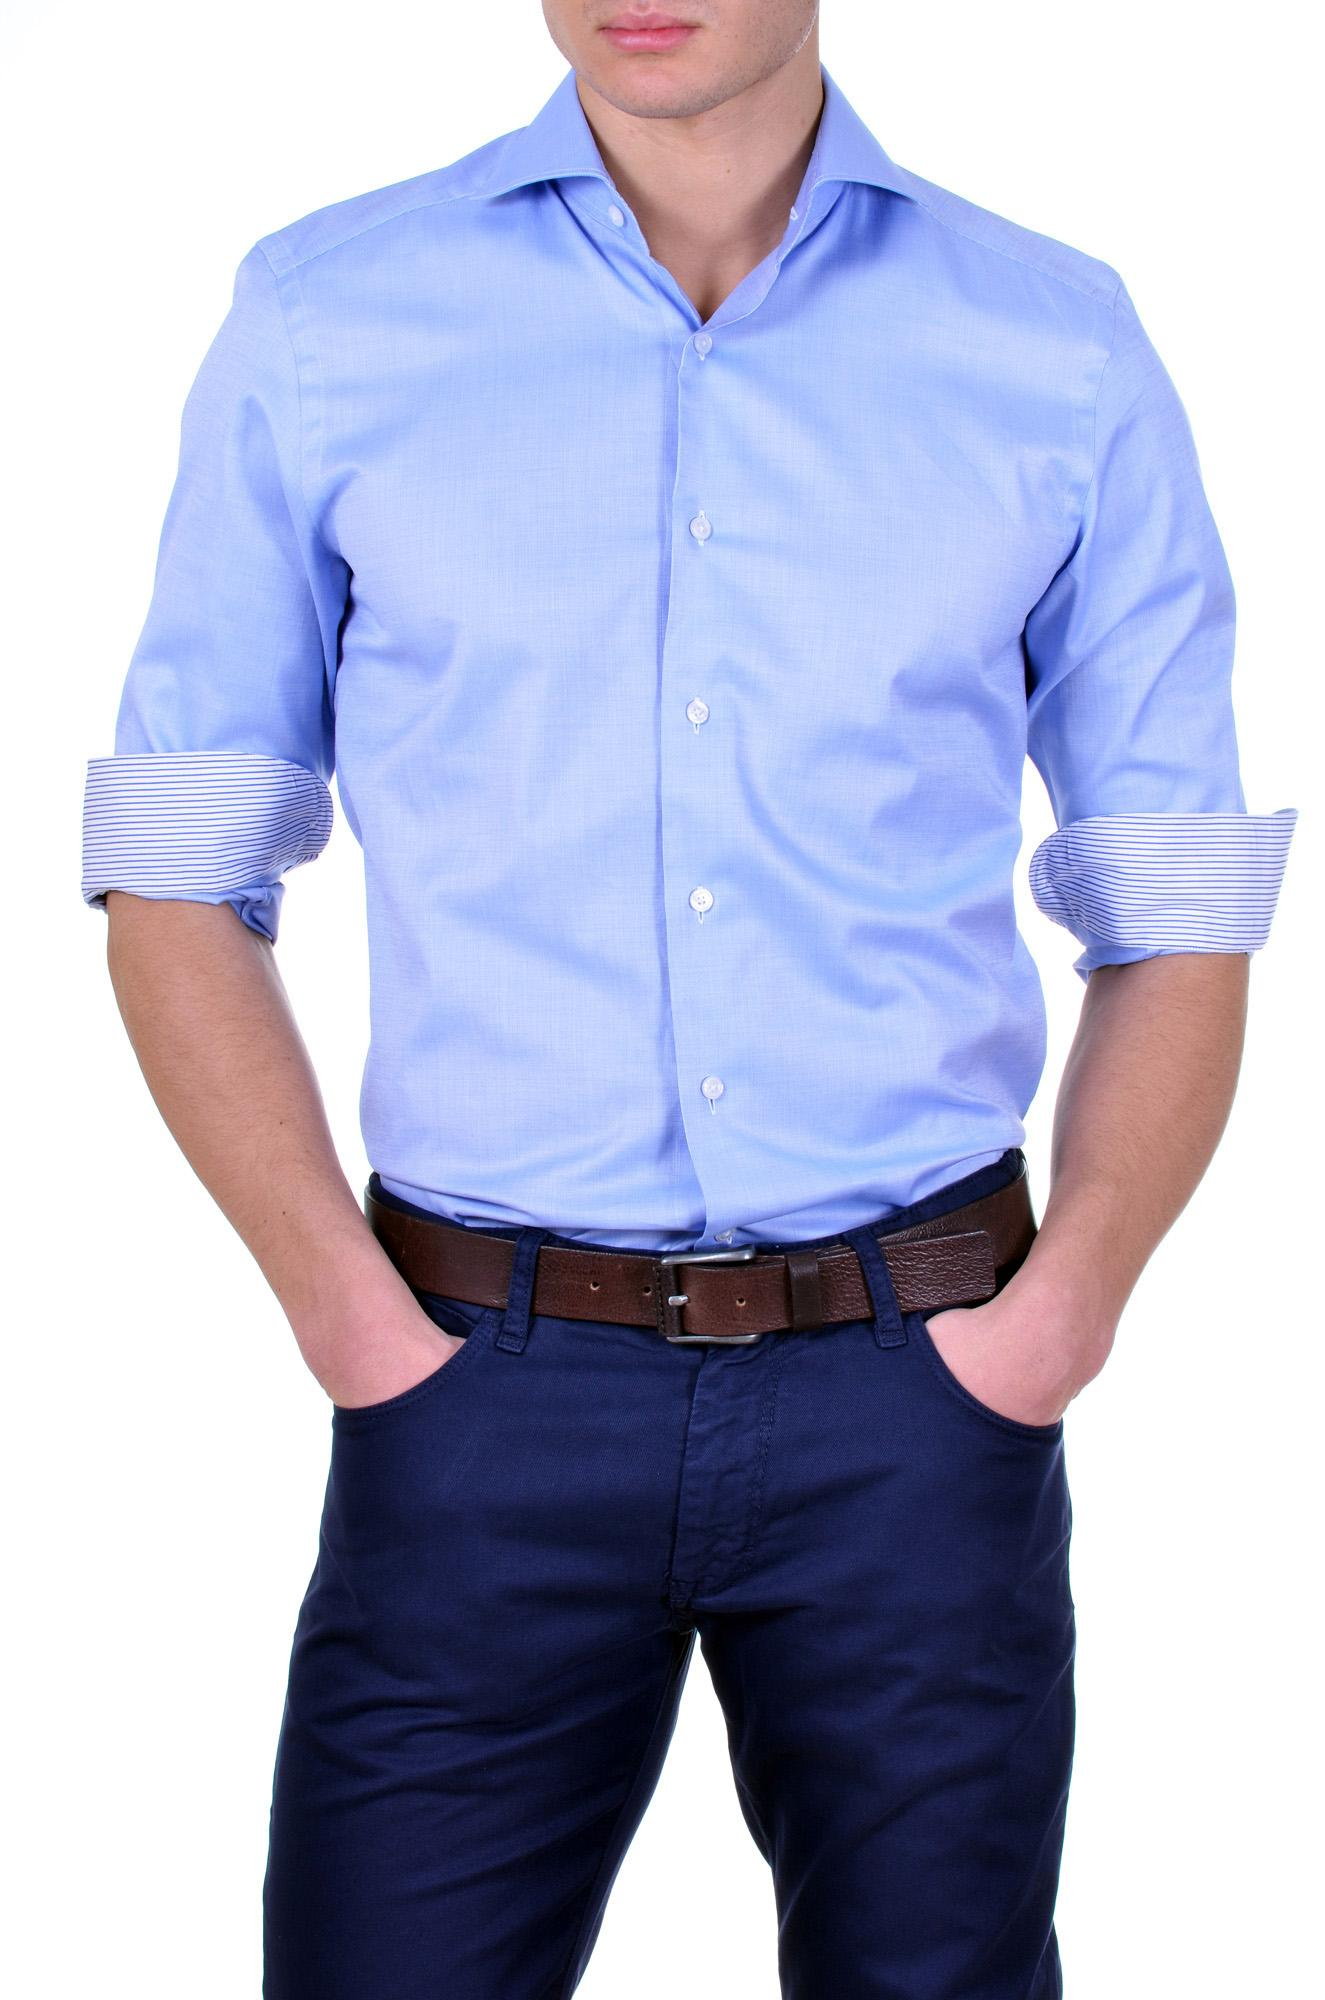 chemises bleu homme chemise homme bleu turquoise chemise homme bleu turquoise. Black Bedroom Furniture Sets. Home Design Ideas